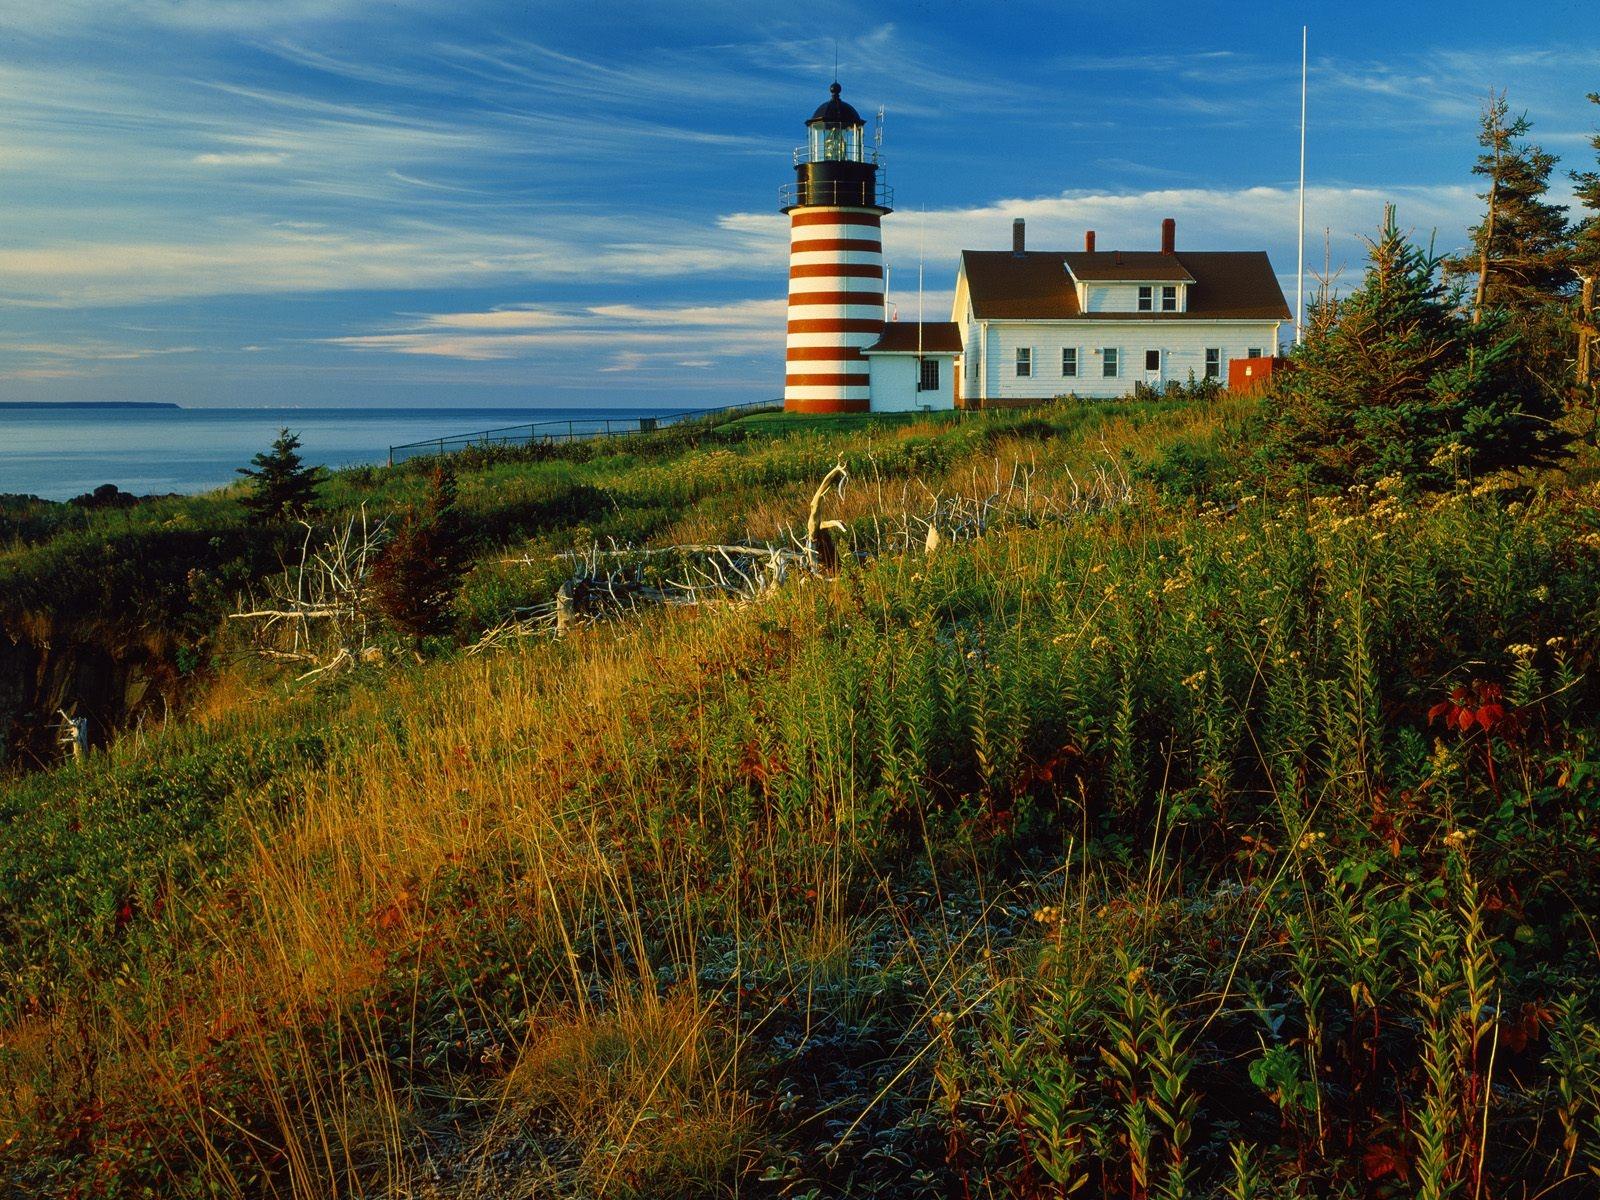 Lighthouse HD Wallpapers Hd Wallpaper 1600x1200